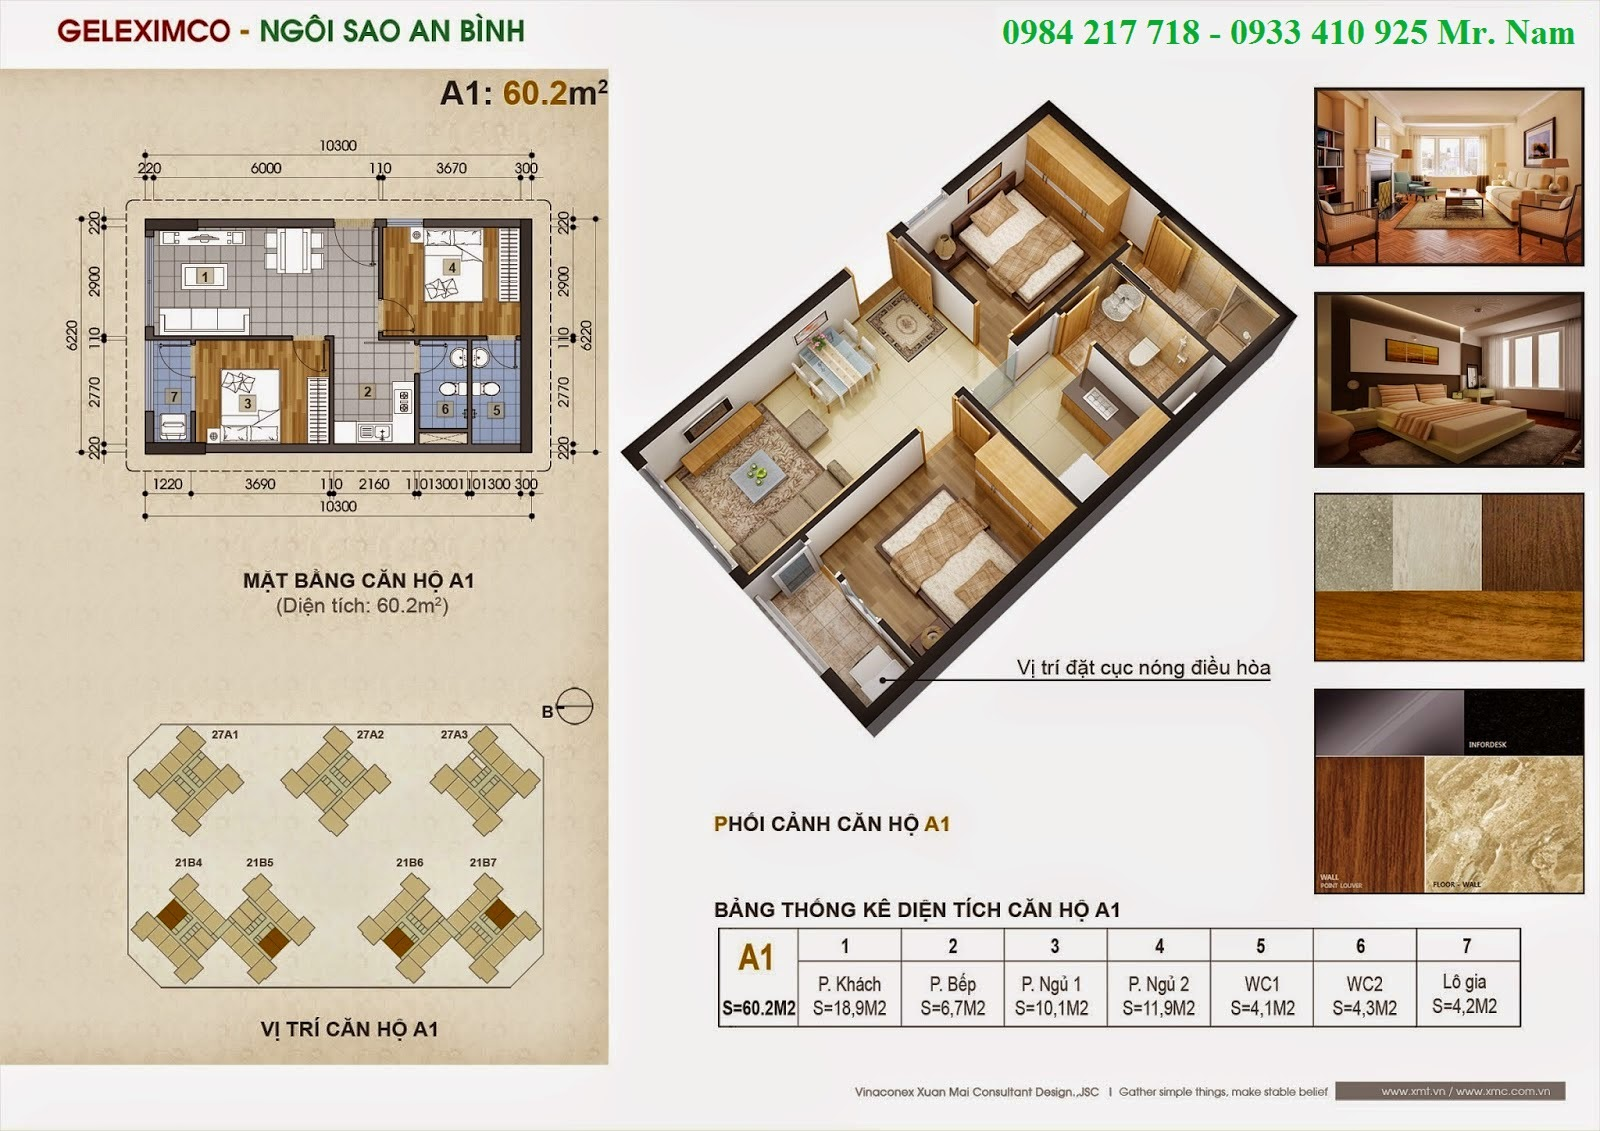 Thiết kế căn hộ A1 diện tích 60.2 m2 chung cư Green Stars